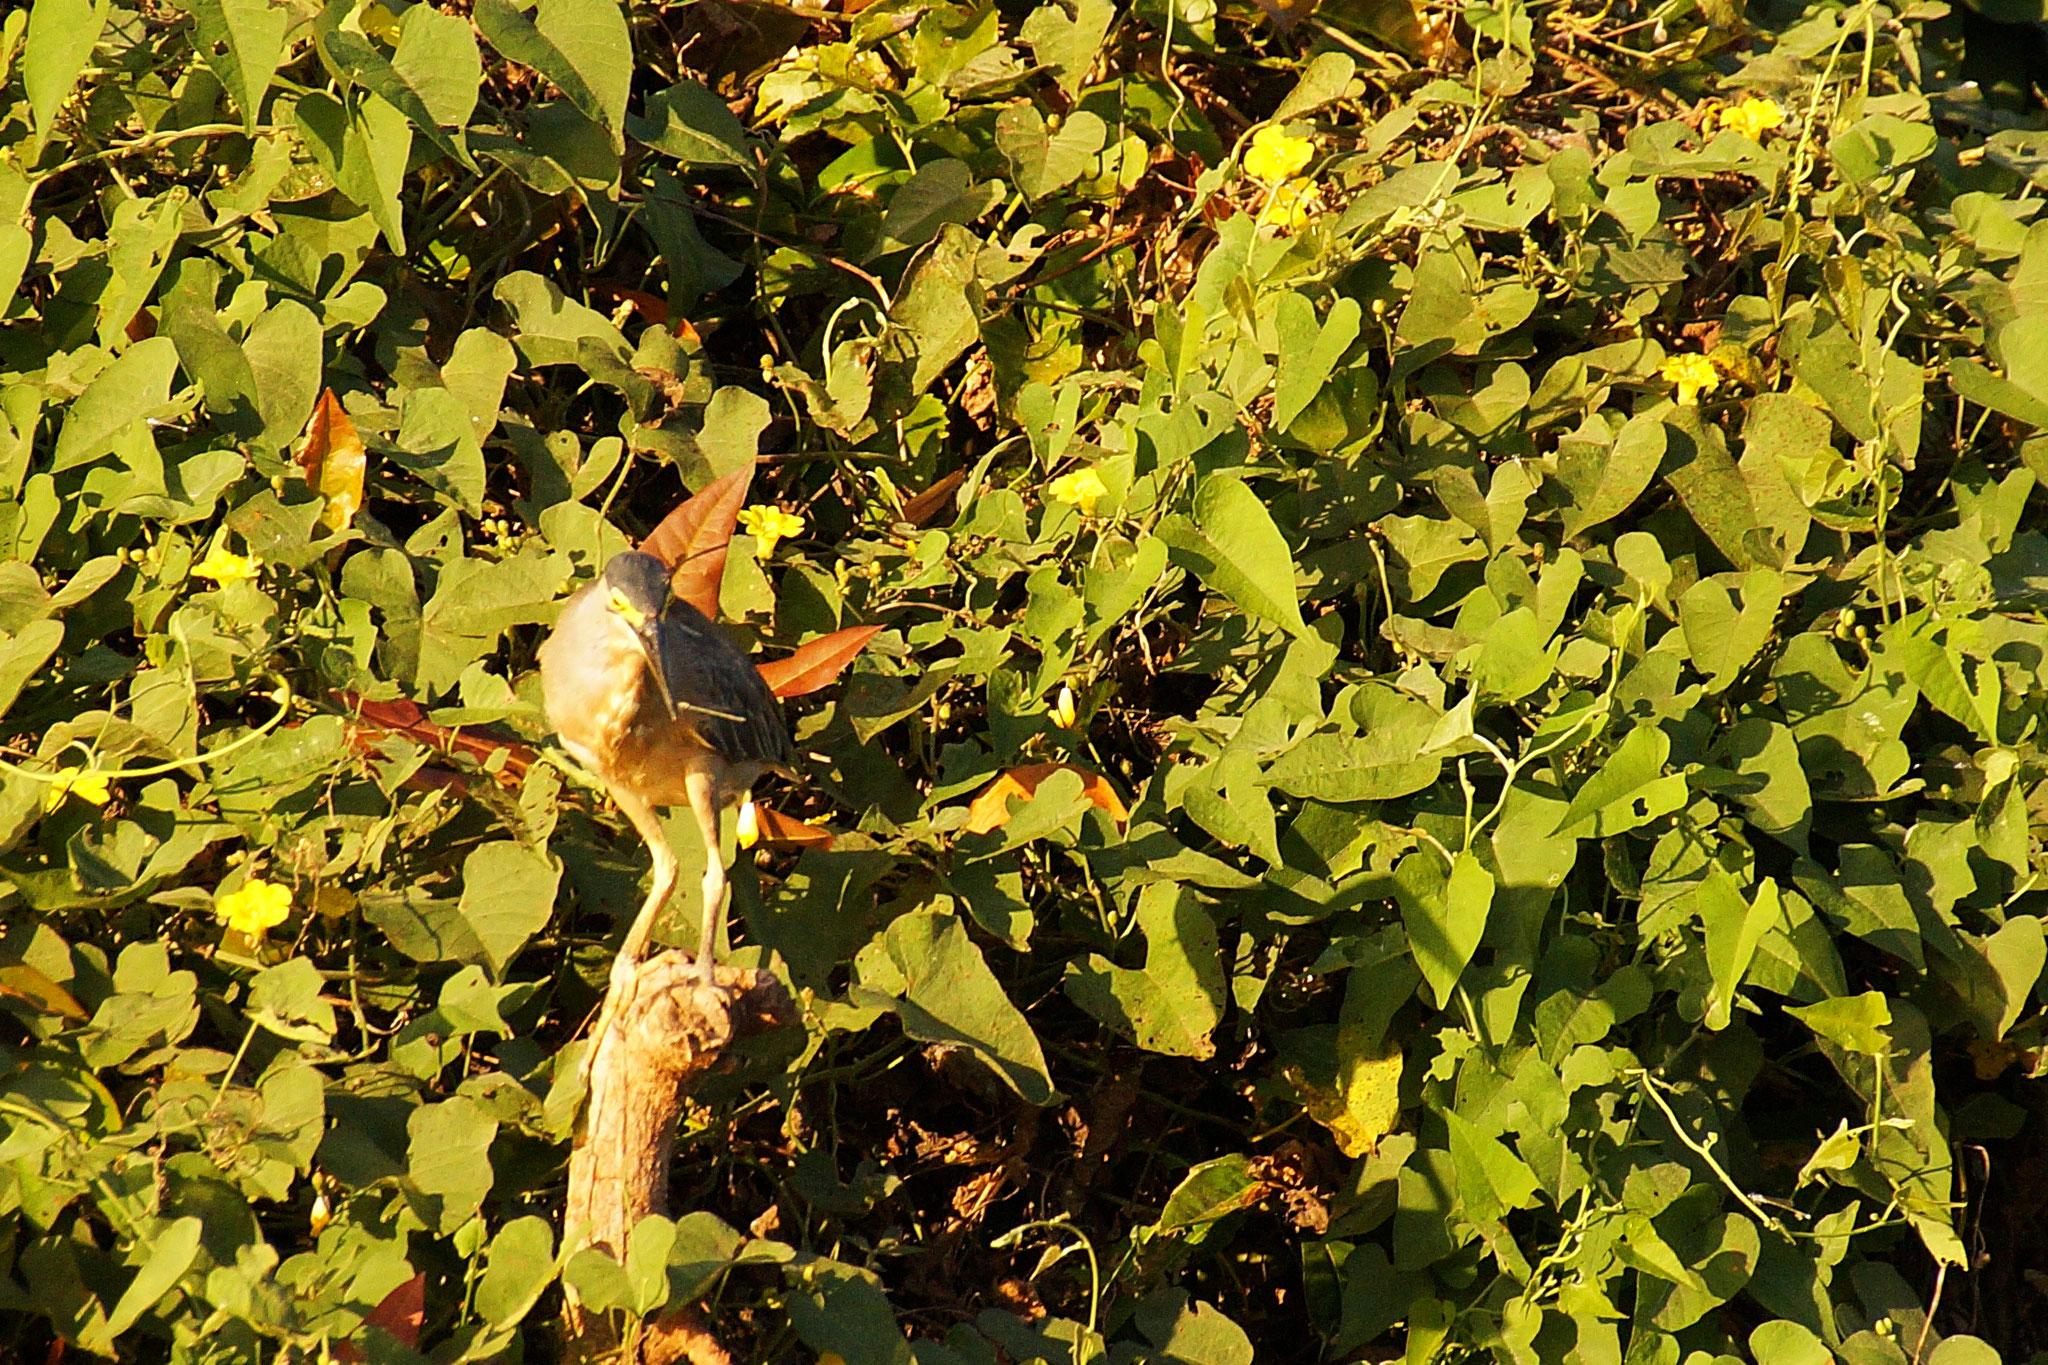 Gute Tarnung hilft kleineren Vögeln zu Überleben.